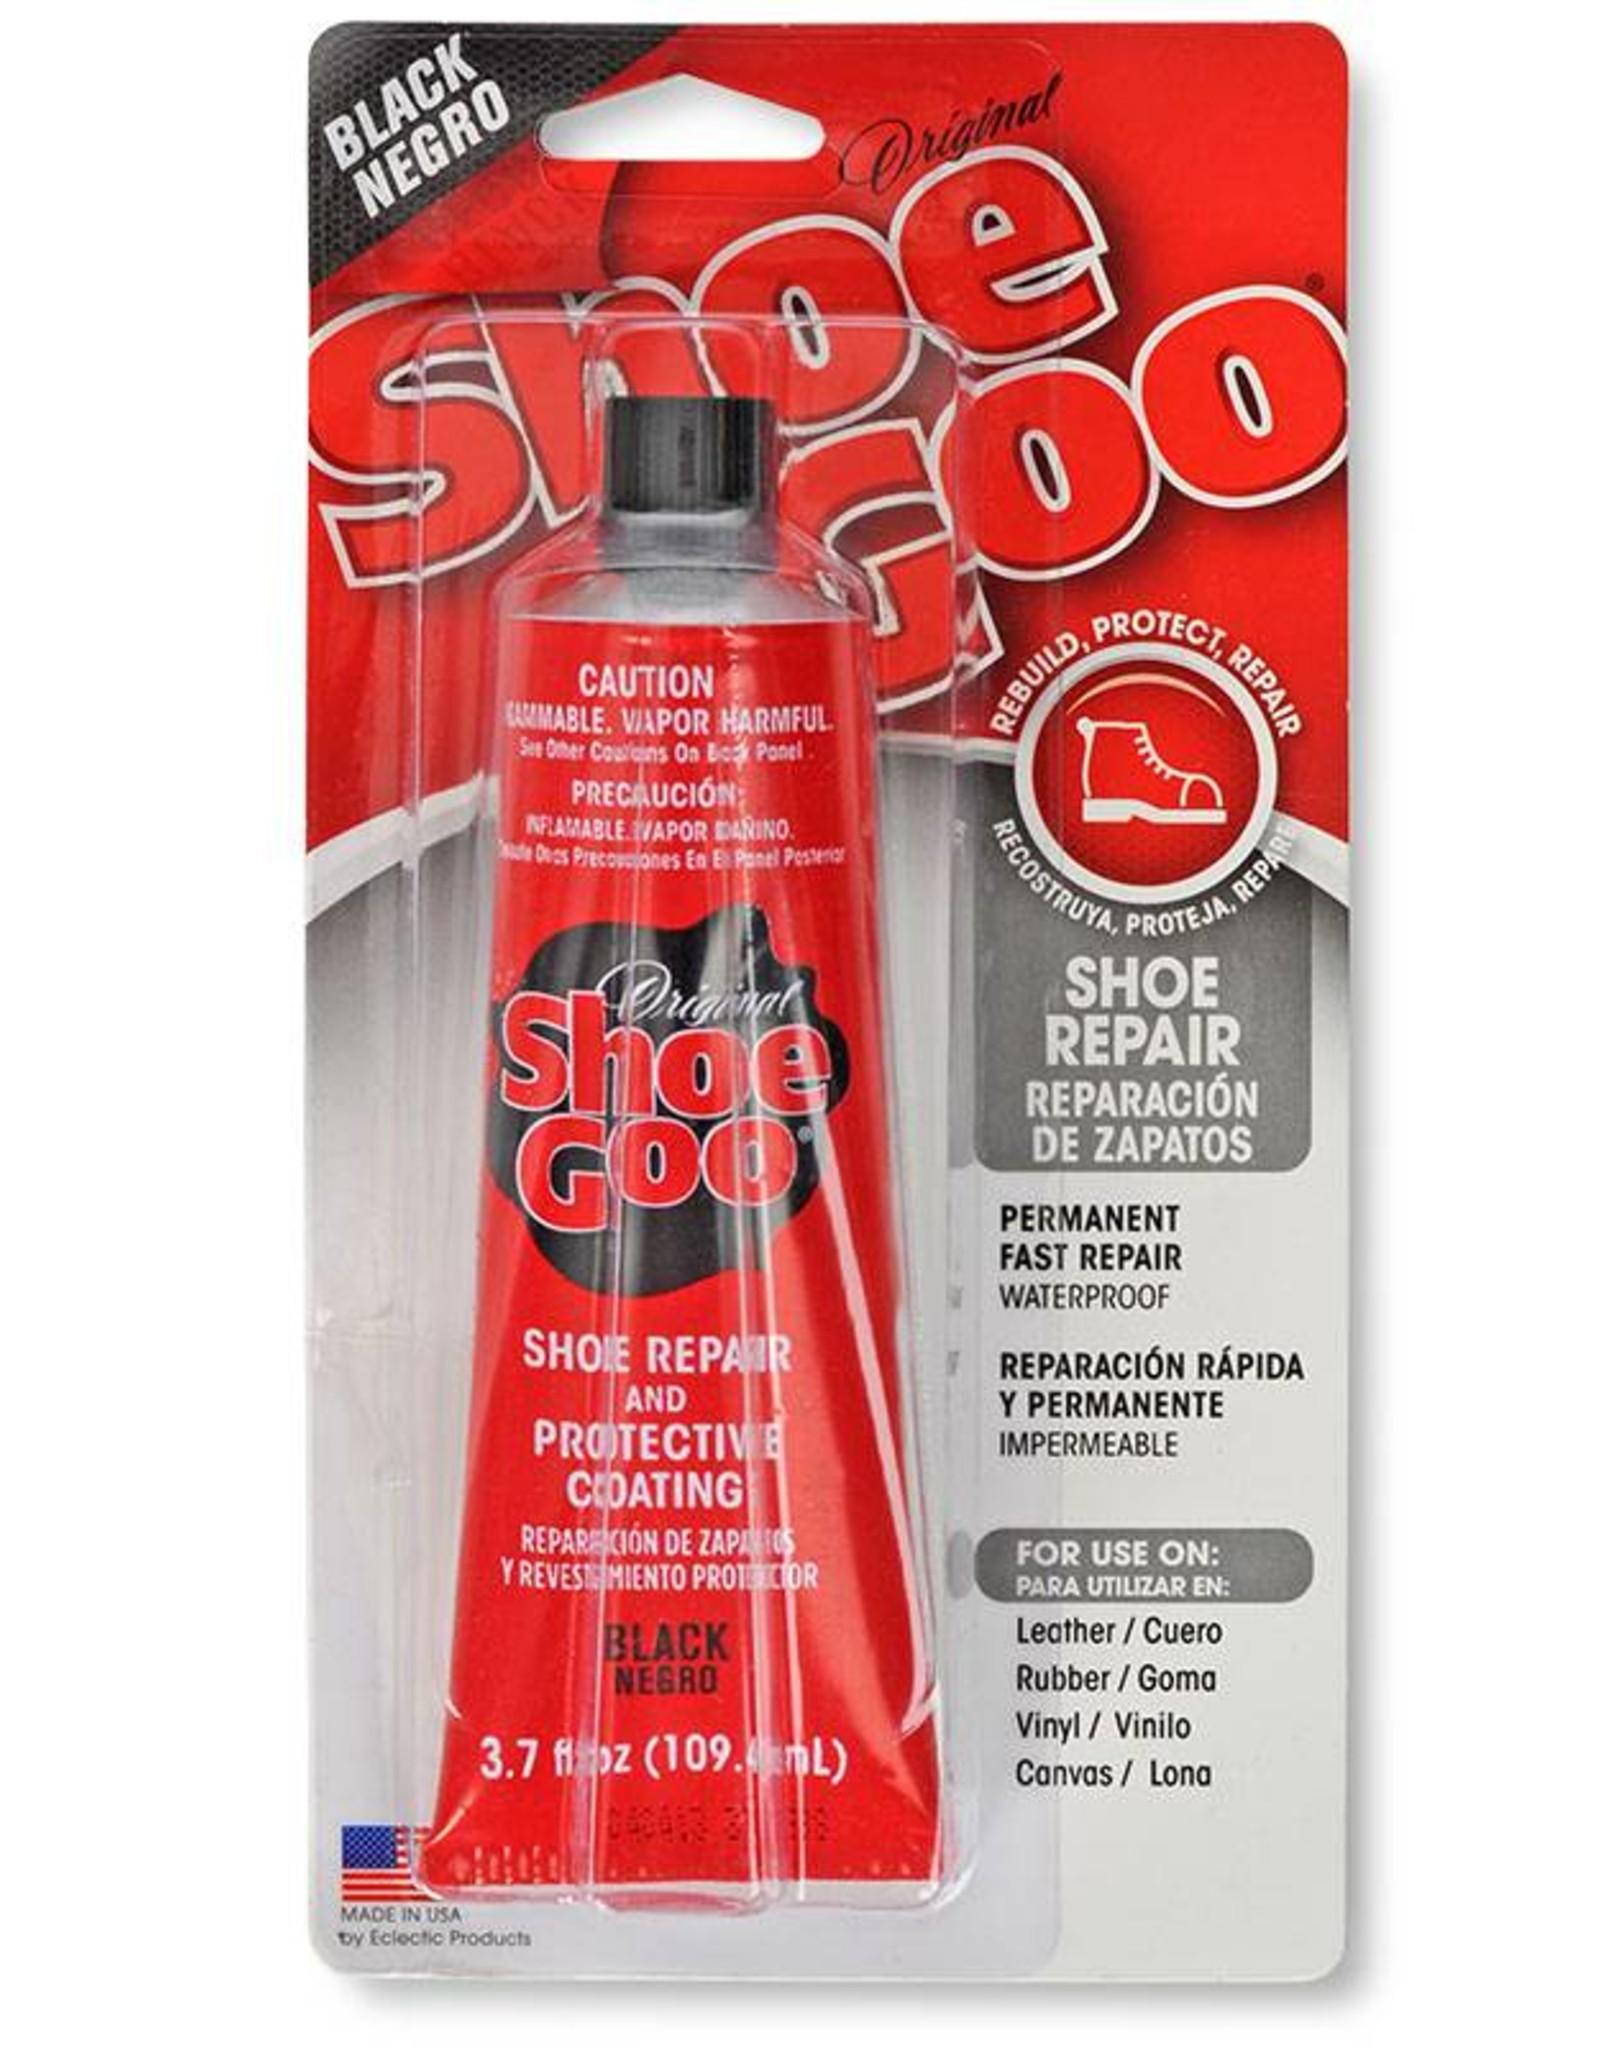 Shoe Goo Shoe Goo Original 110 ml Black Repair Adhesive